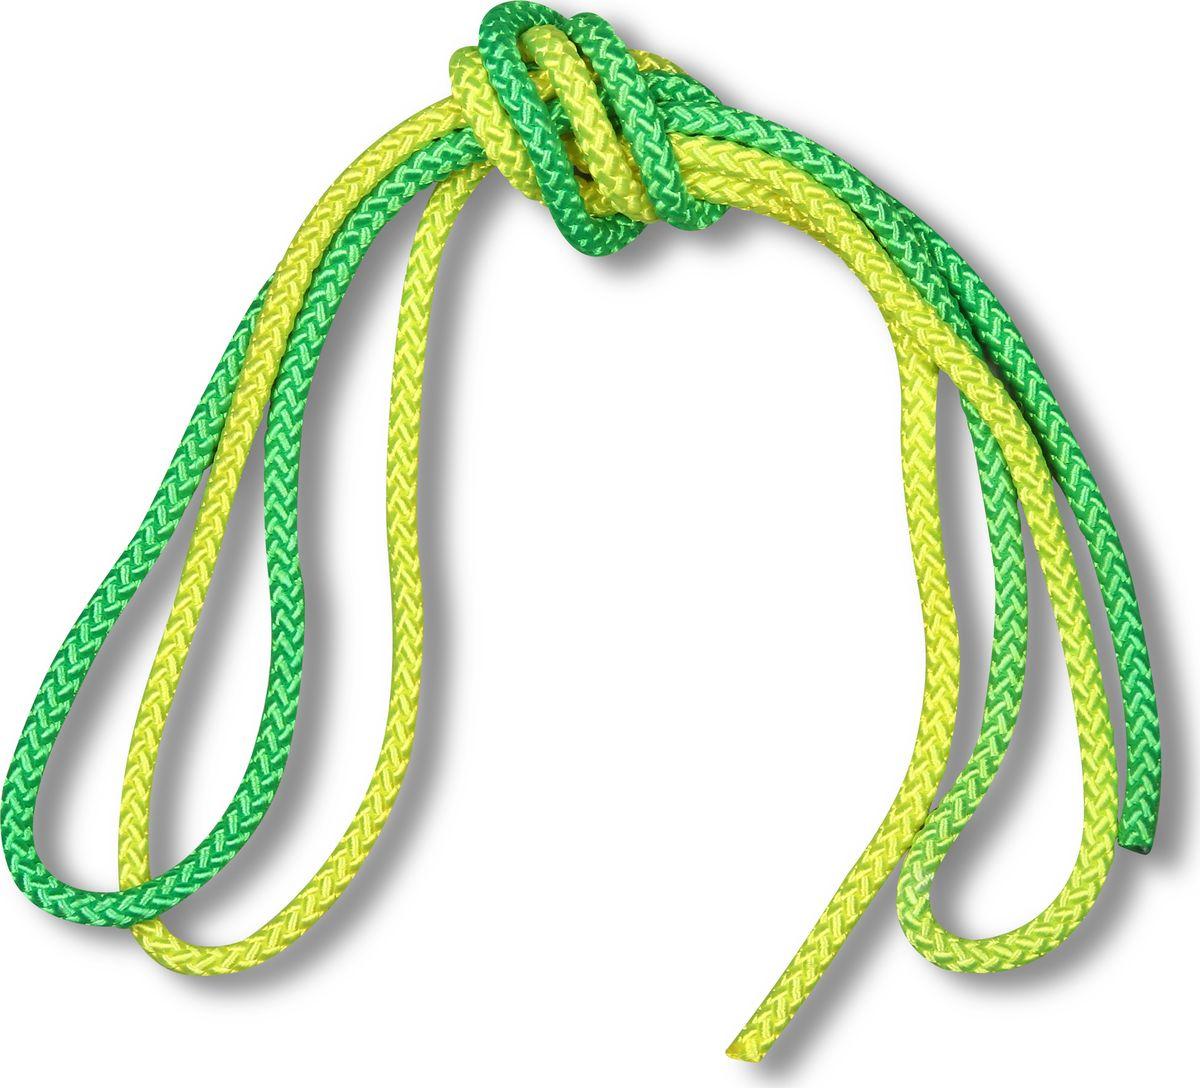 Скакалка гимнастическая Indigo, двухцветная, цвет: желтый, зеленый, 3 м00023197Скакалка гимнастическая используется как один из предметов в художественной гимнастике.Яркая Гимнастическая скакалка Great не имеет ручек, вместо них можно завязывать узел или обжигать края в веревочной скакалке.Упражнения со скакалкой для художественной гимнастики хорошо укрепляют мышцы всего тела, особенно ног, повышают состояние общей тренированности и выносливости.Веревка для скакалки должна быть длиной 2,5 - 3 м.